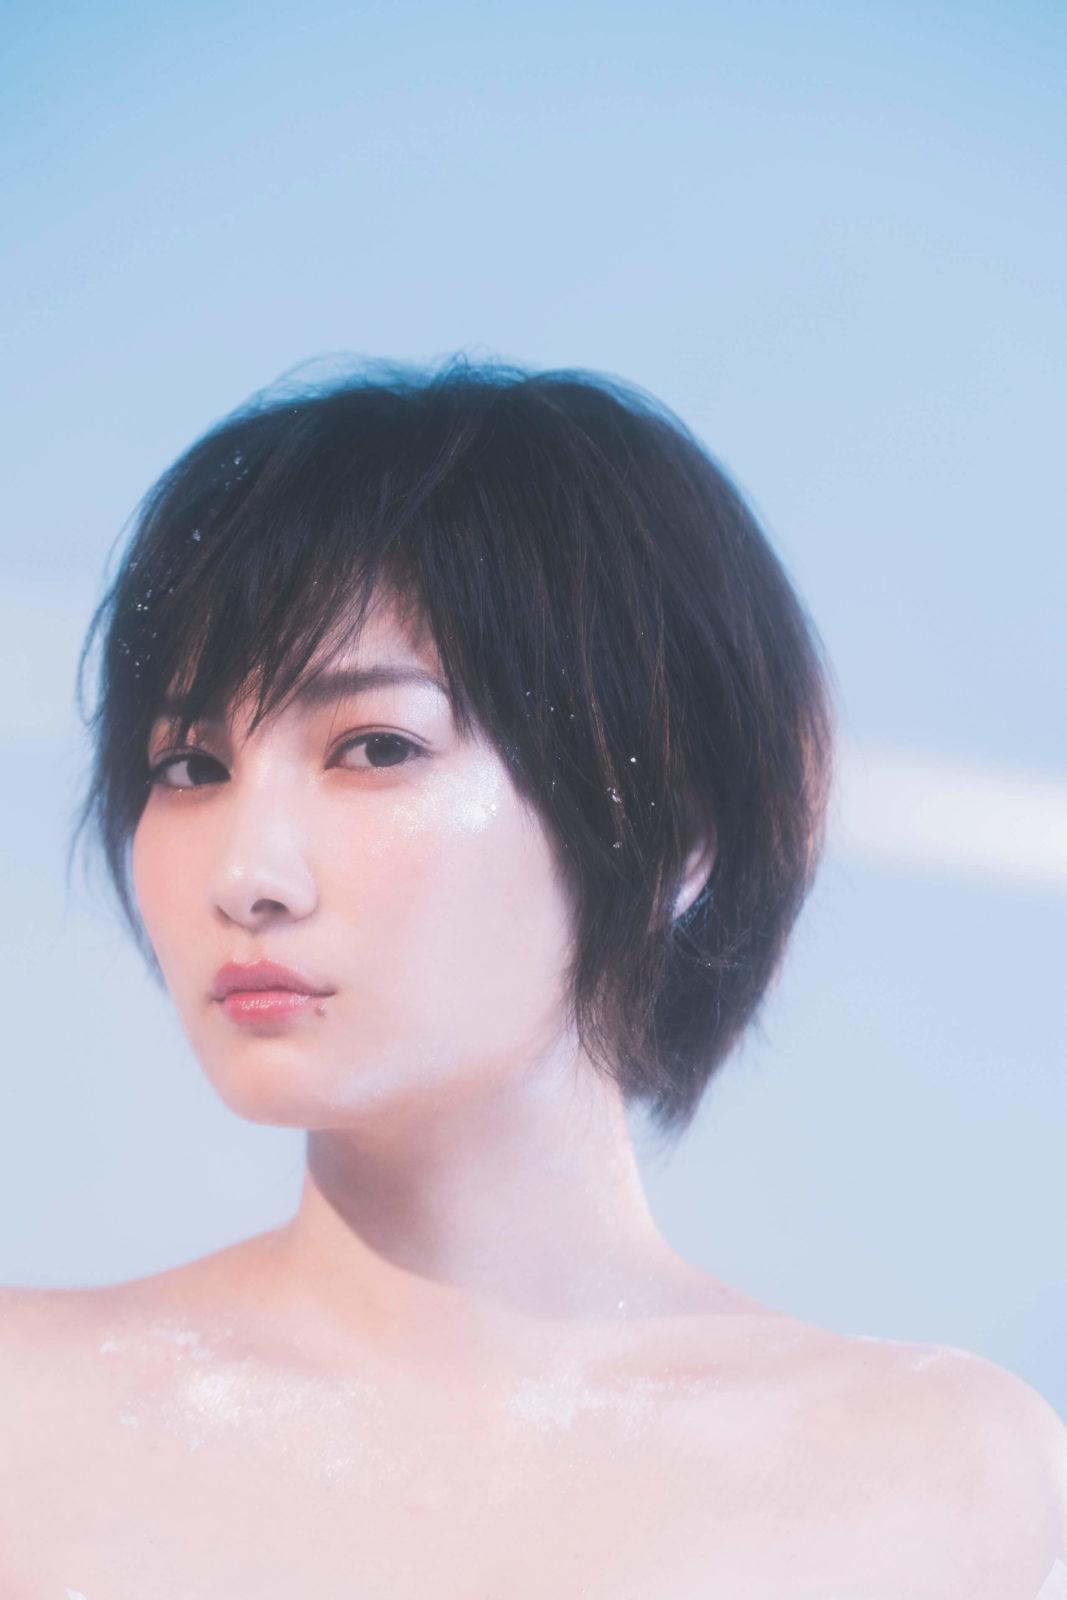 佐藤千亜妃、ファーストソロアルバム『PLANET』の発売決定サムネイル画像